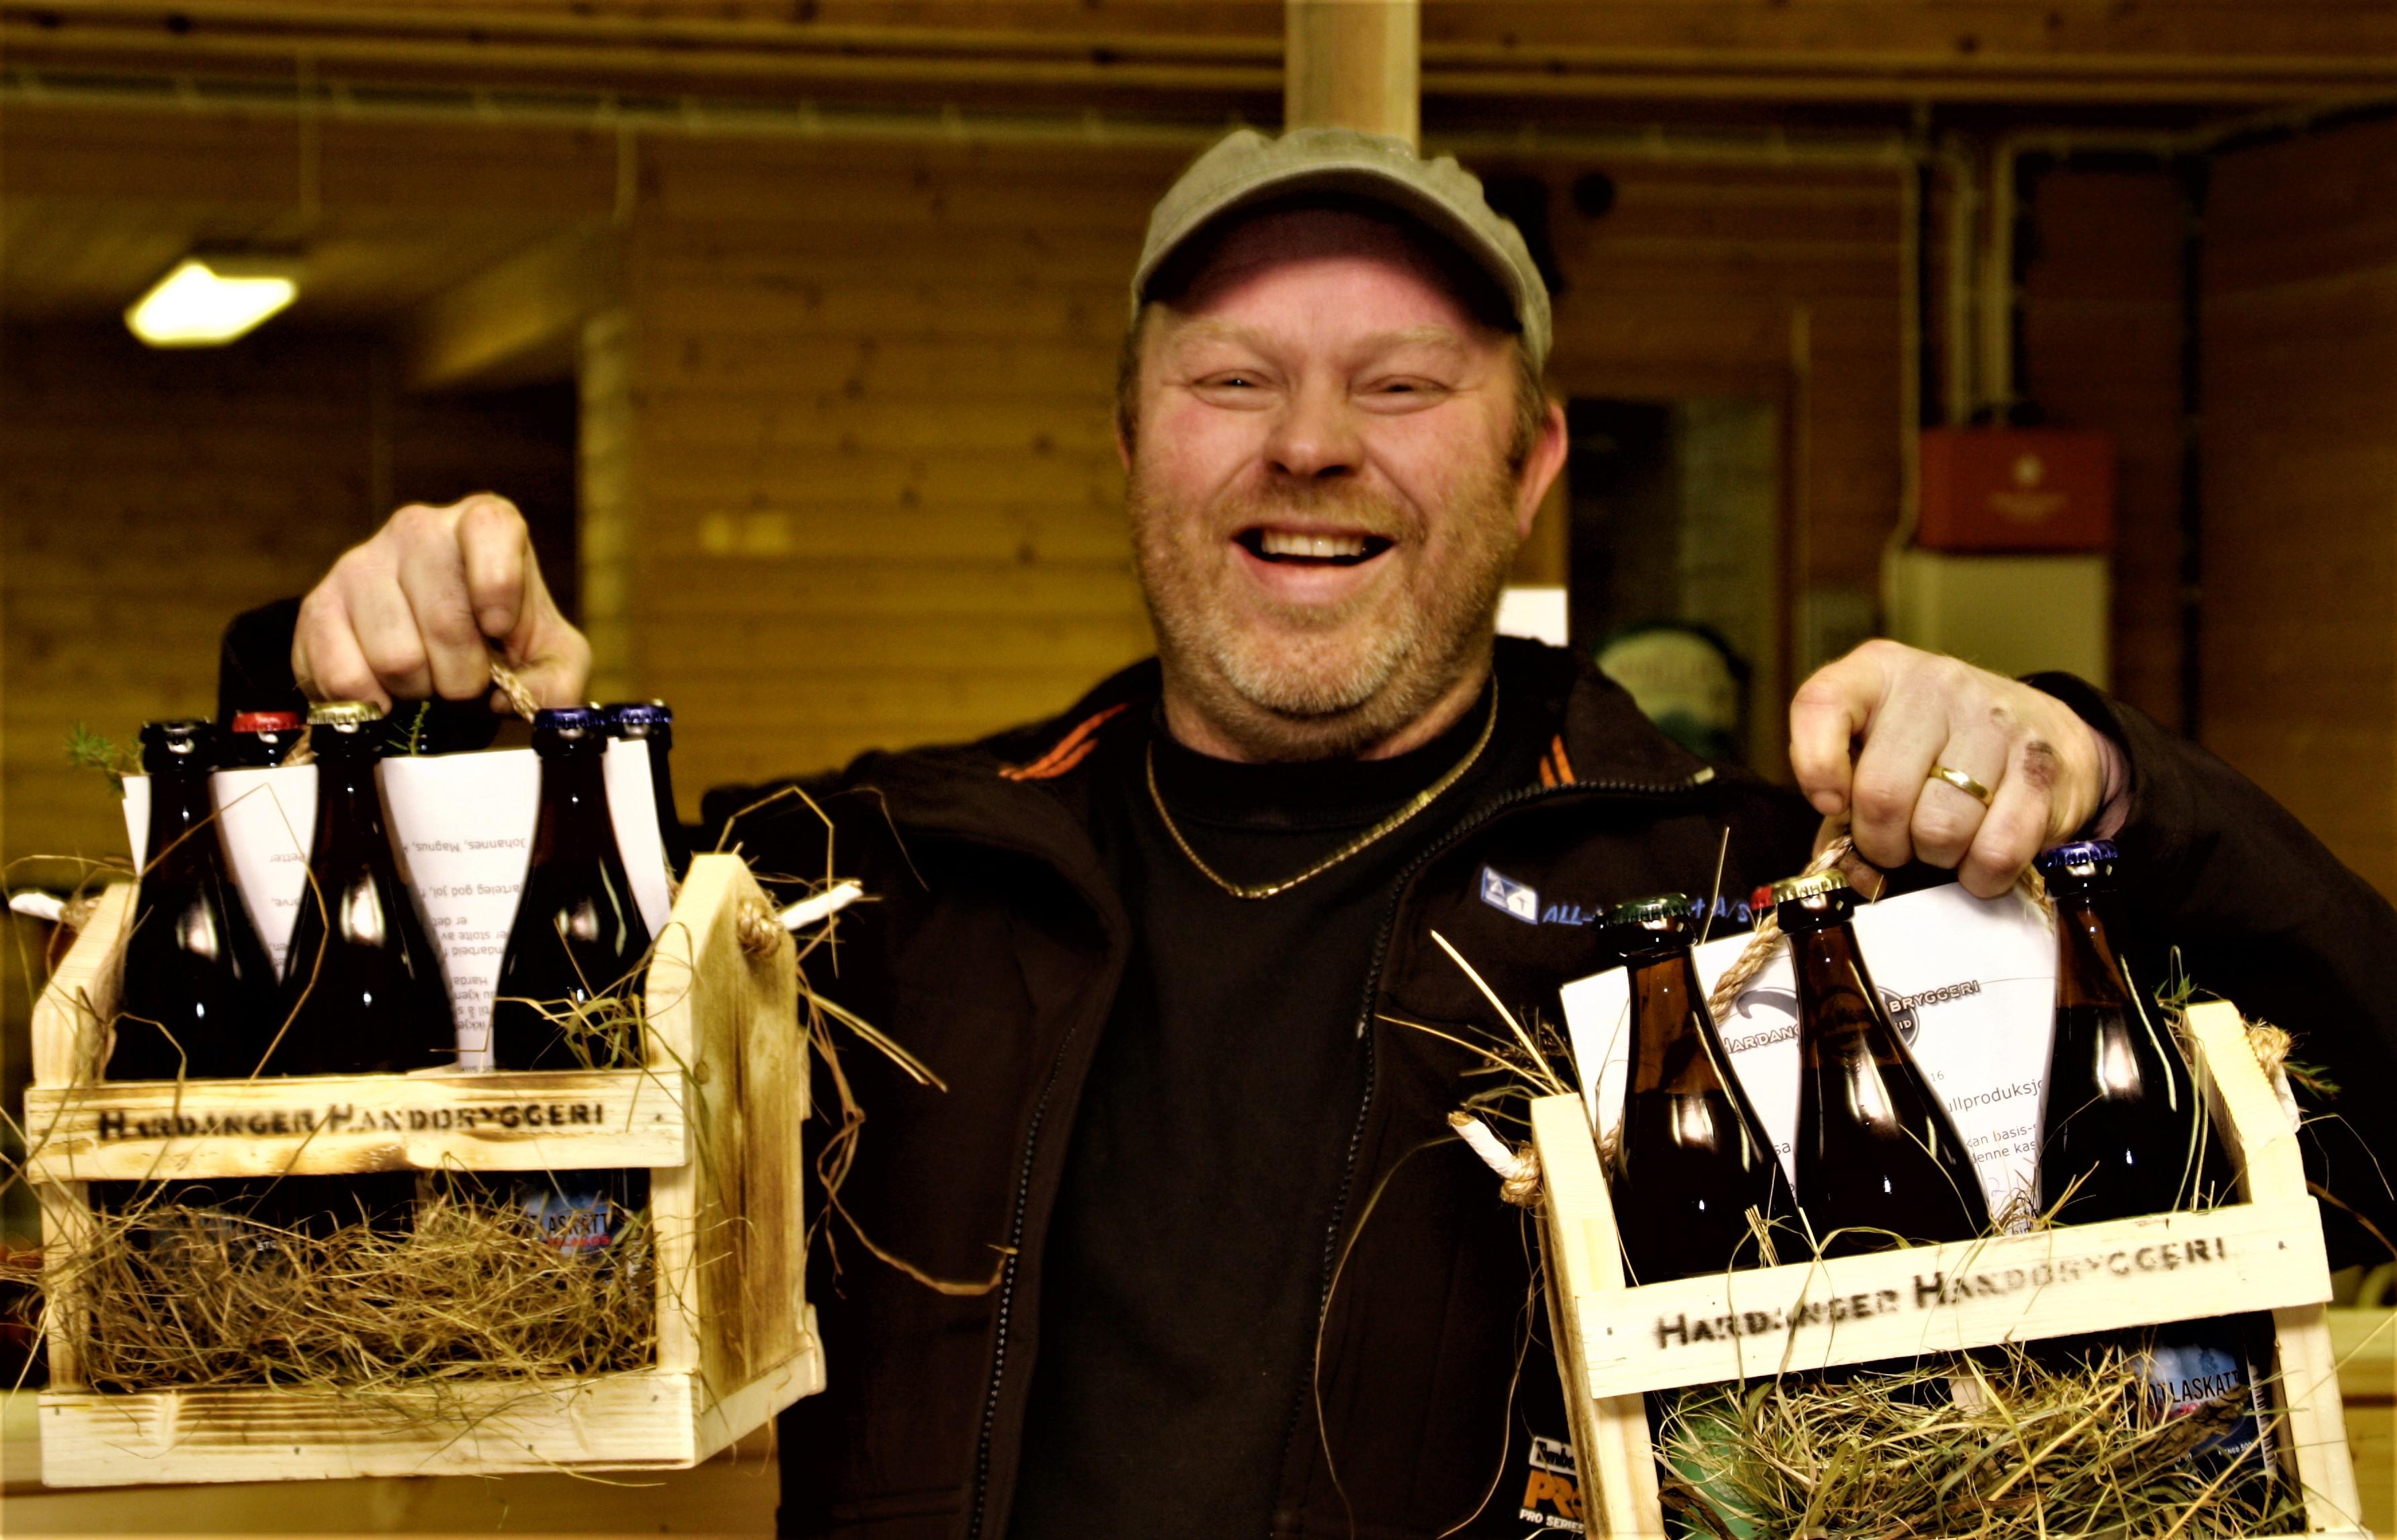 Stig Atle Meland var fyrste kunde og sikra seg nokre eksemplar av samlekassen med ulike øltypar.